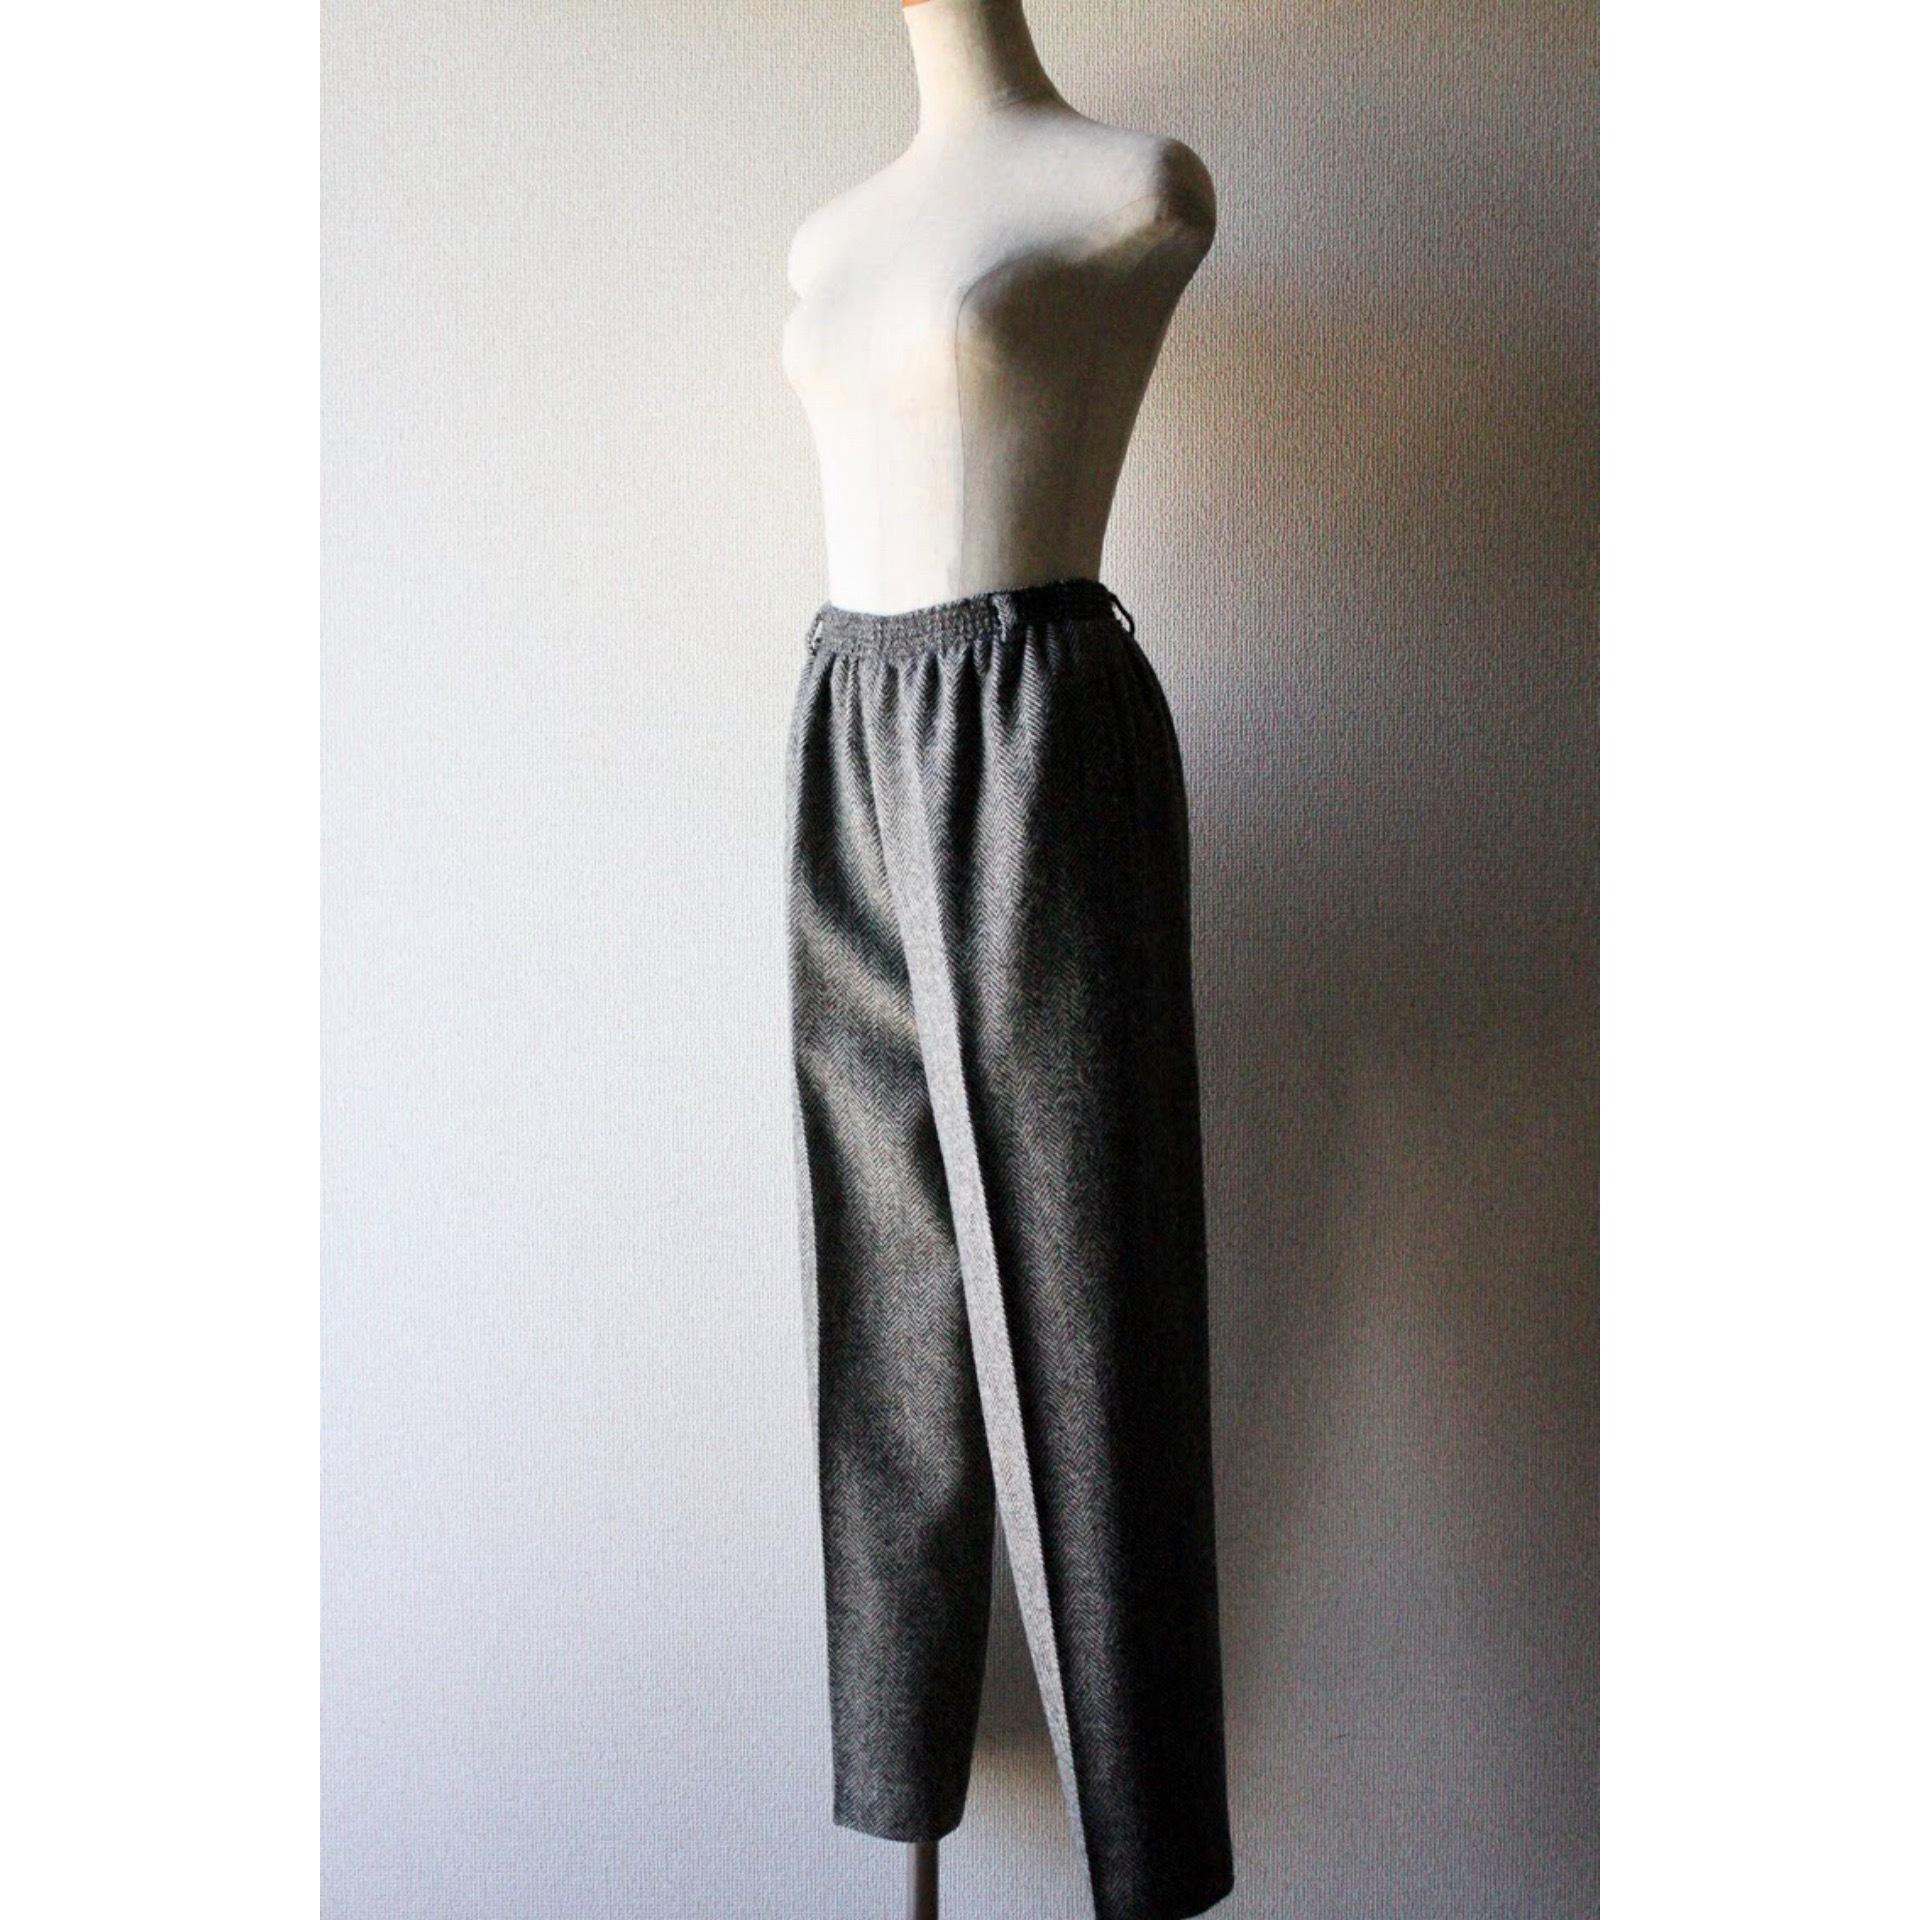 Vintage wool slacks